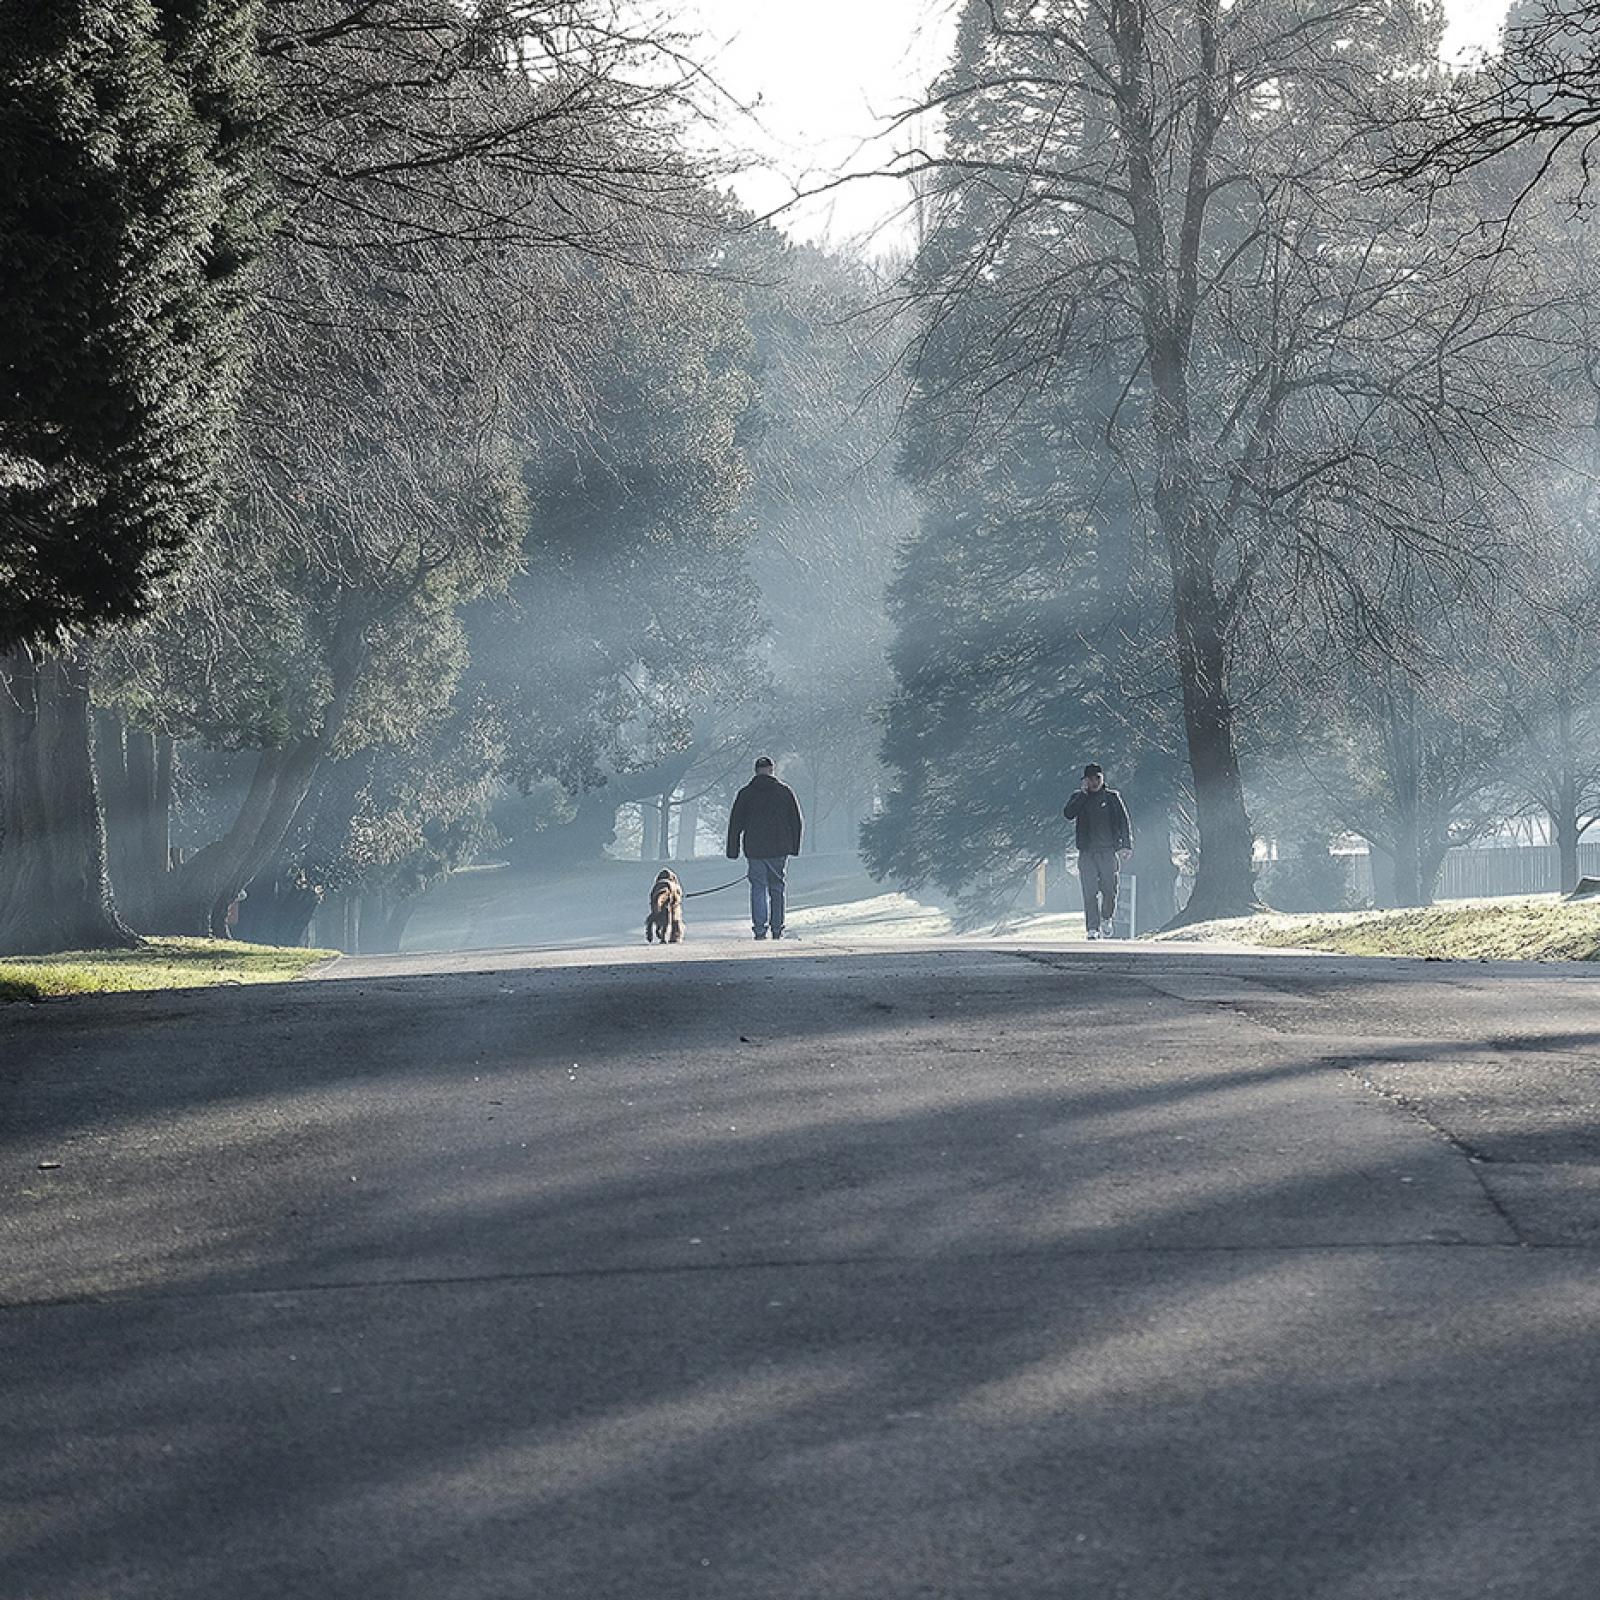 a-frosty-january-morning-by-john-white